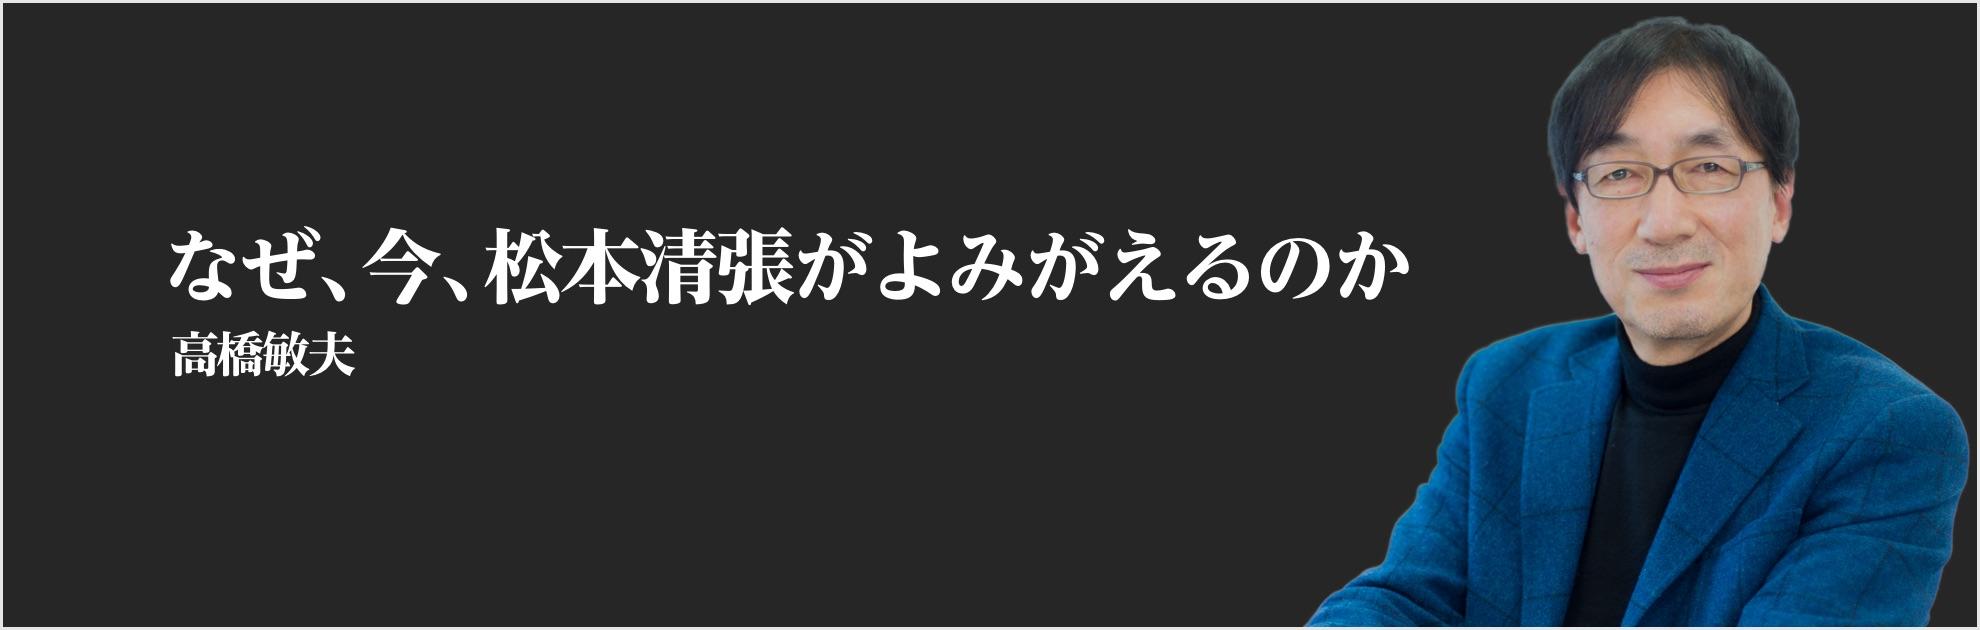 『松本清張 「隠蔽と暴露」の作家』著者高橋敏夫氏インタビュー